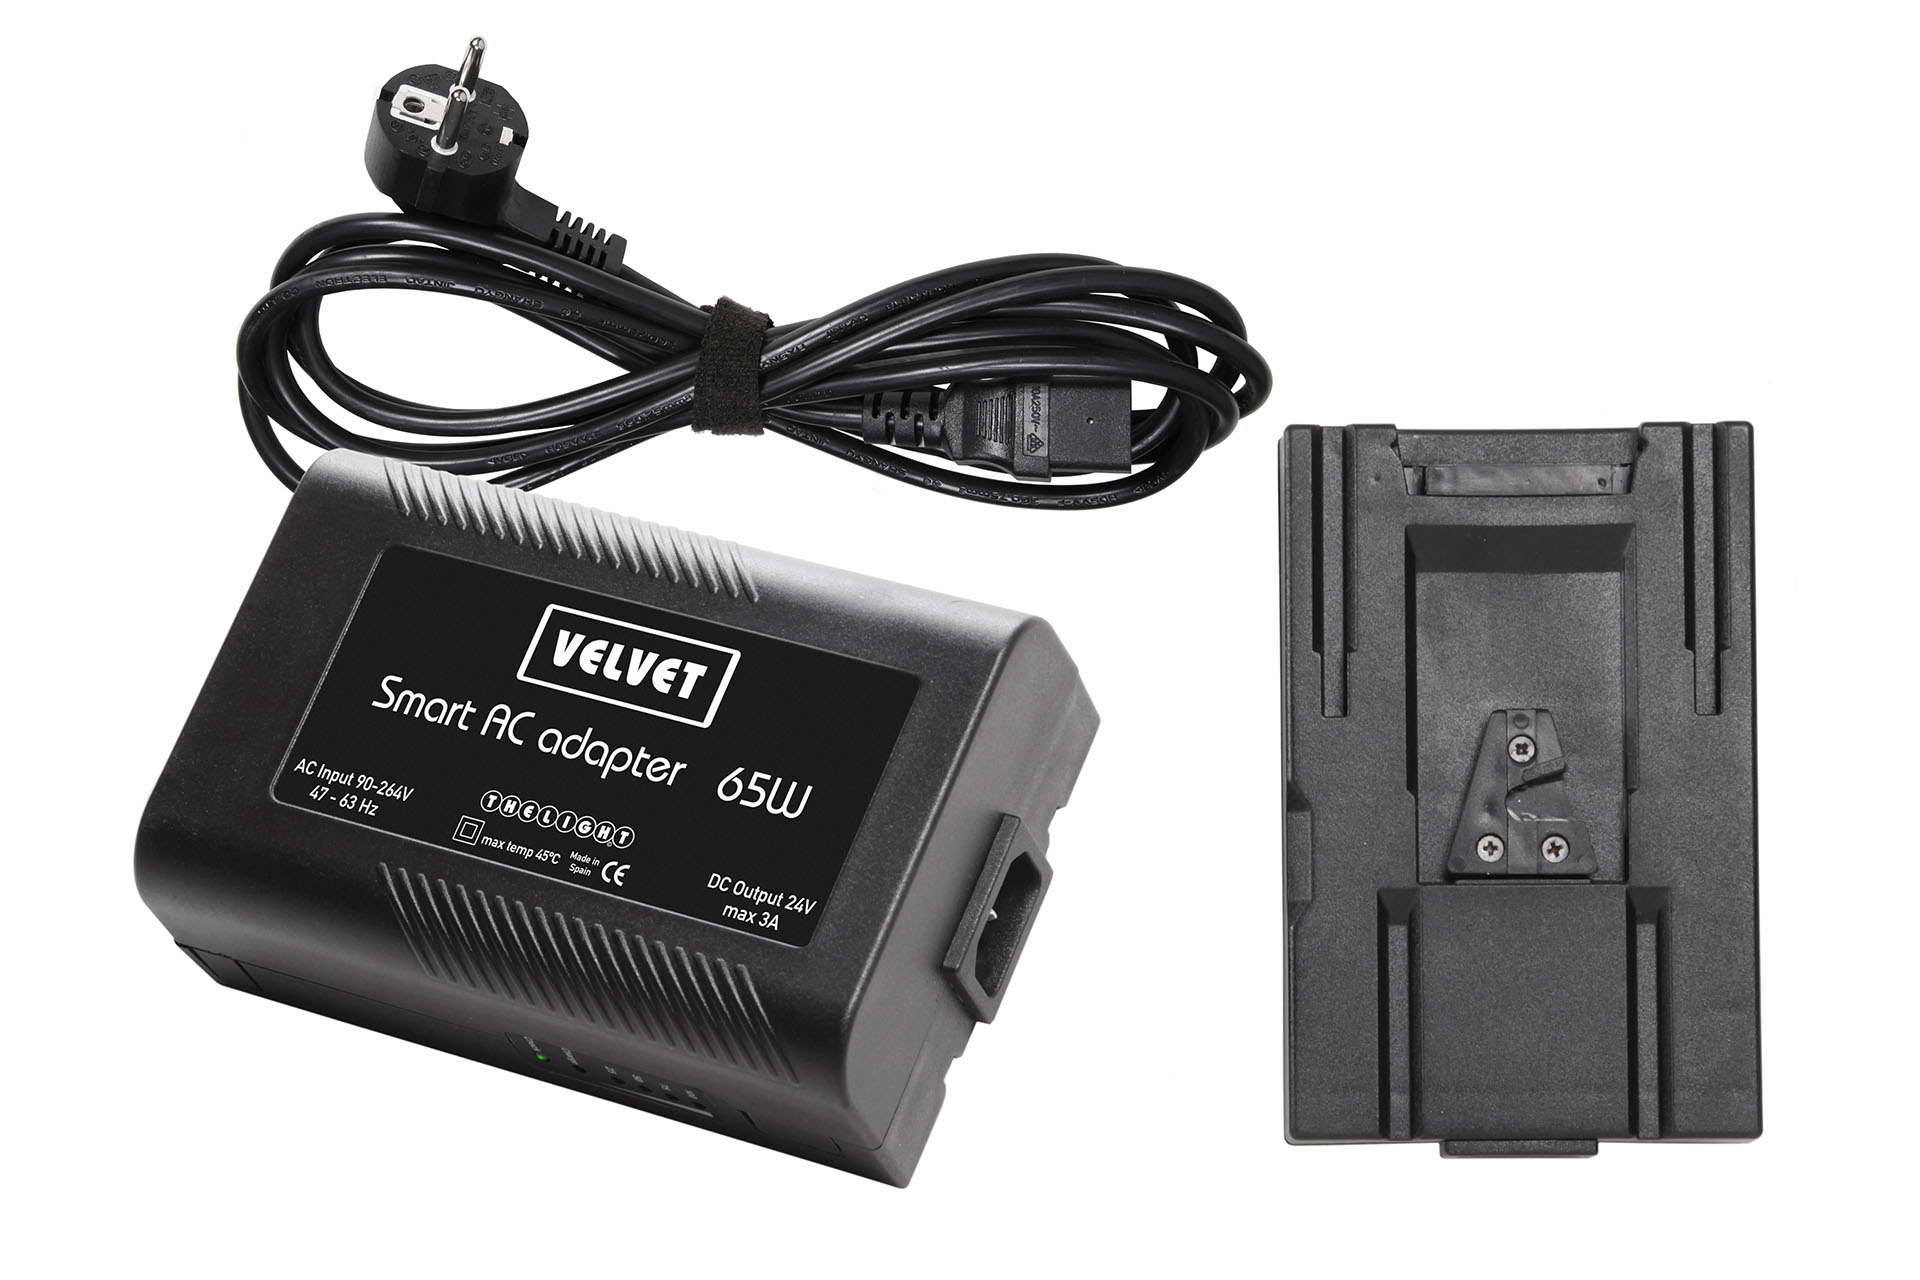 VELVET MINI 1 Smart Vlock AC adapter